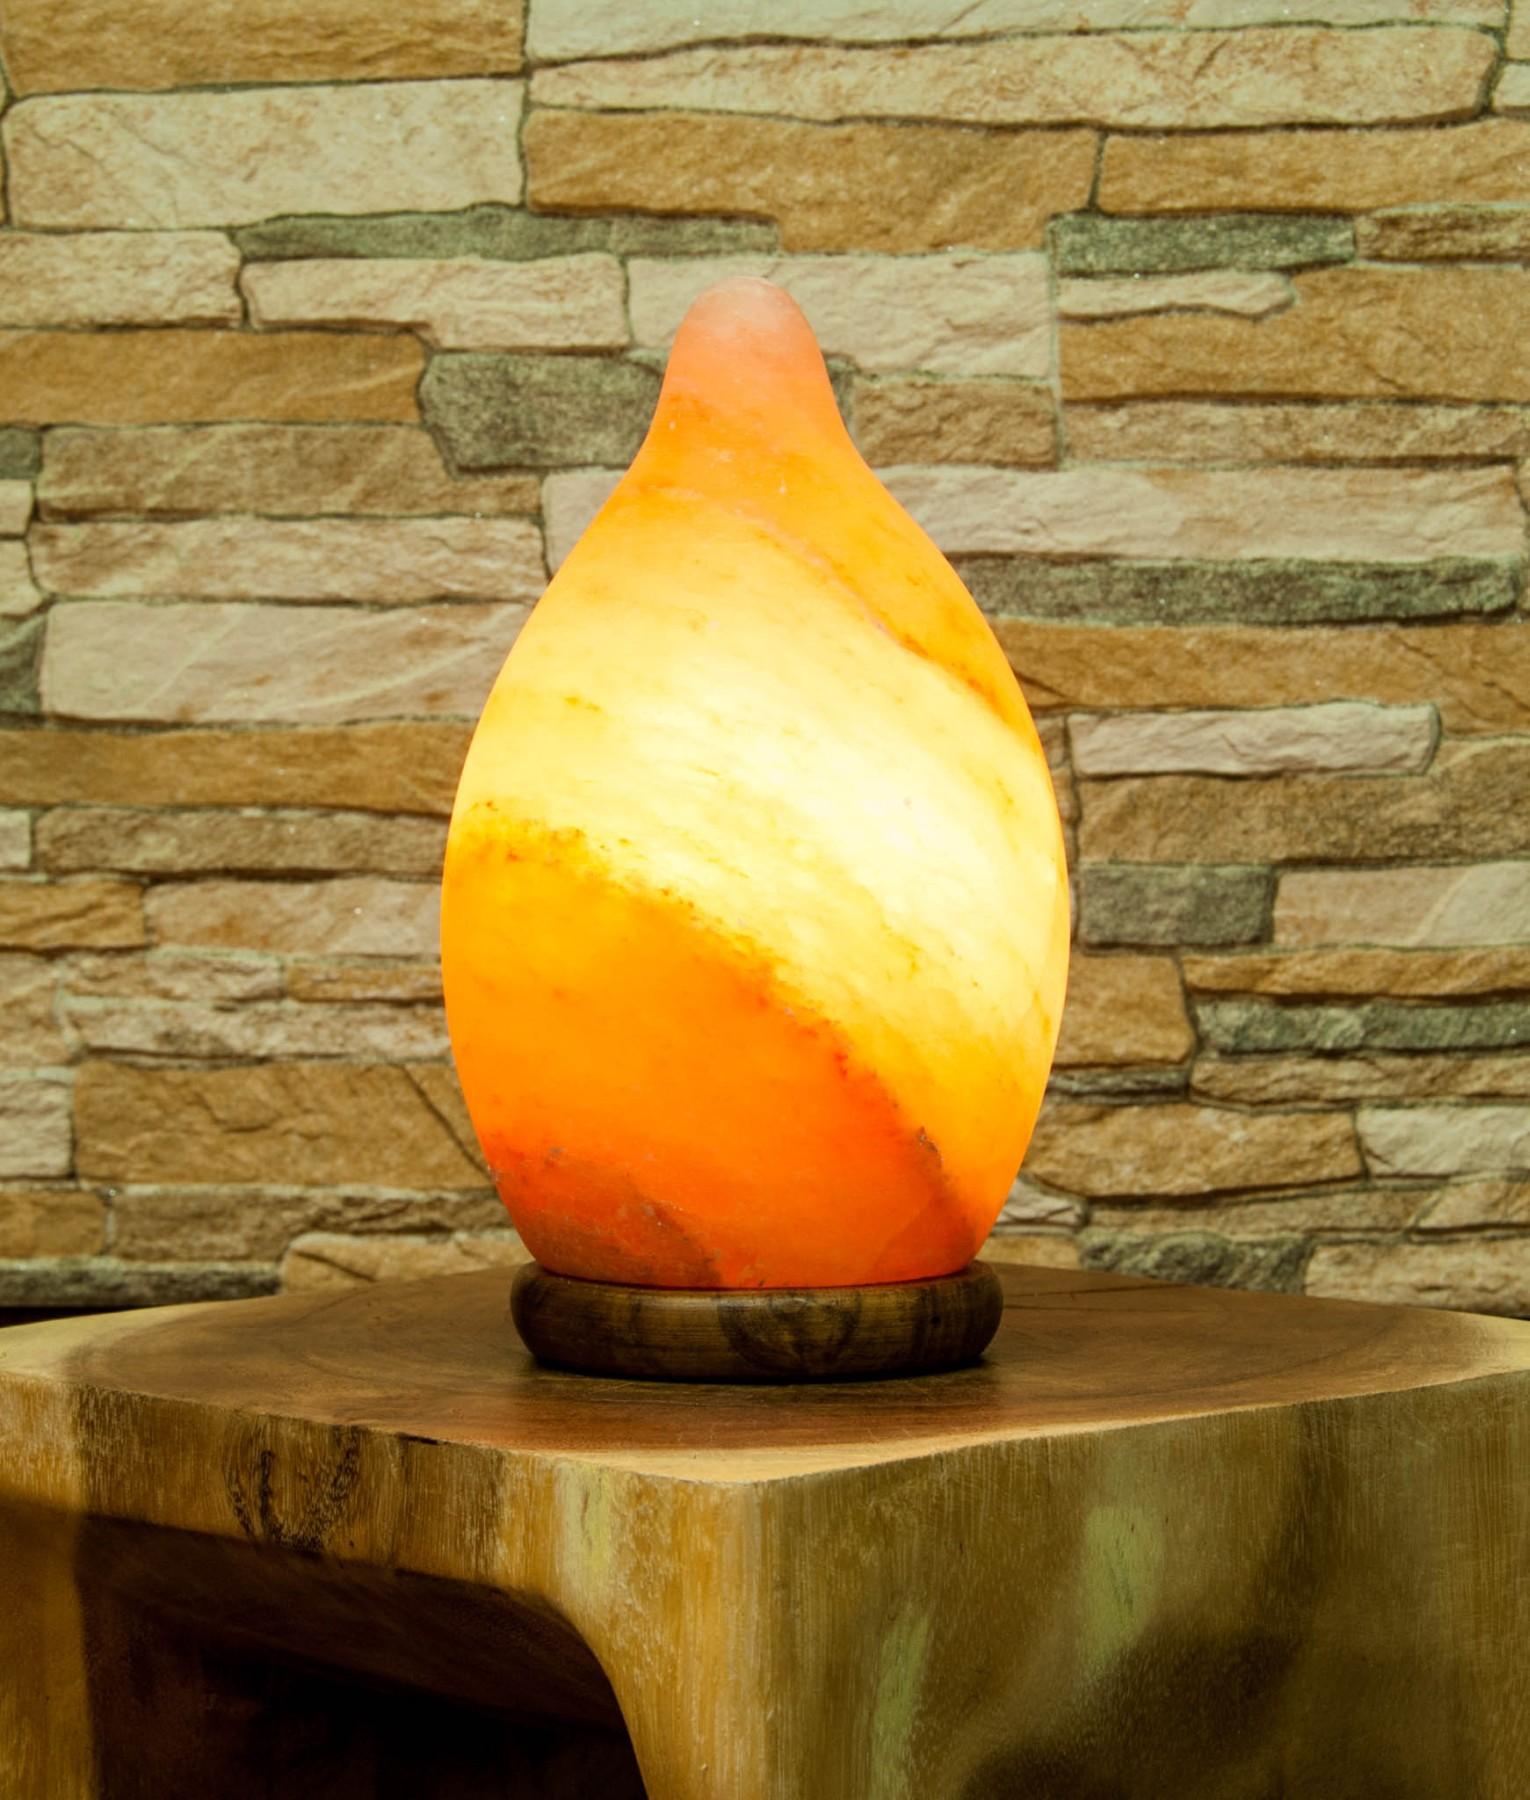 salz tropfen lampe aurelies hexenladen. Black Bedroom Furniture Sets. Home Design Ideas